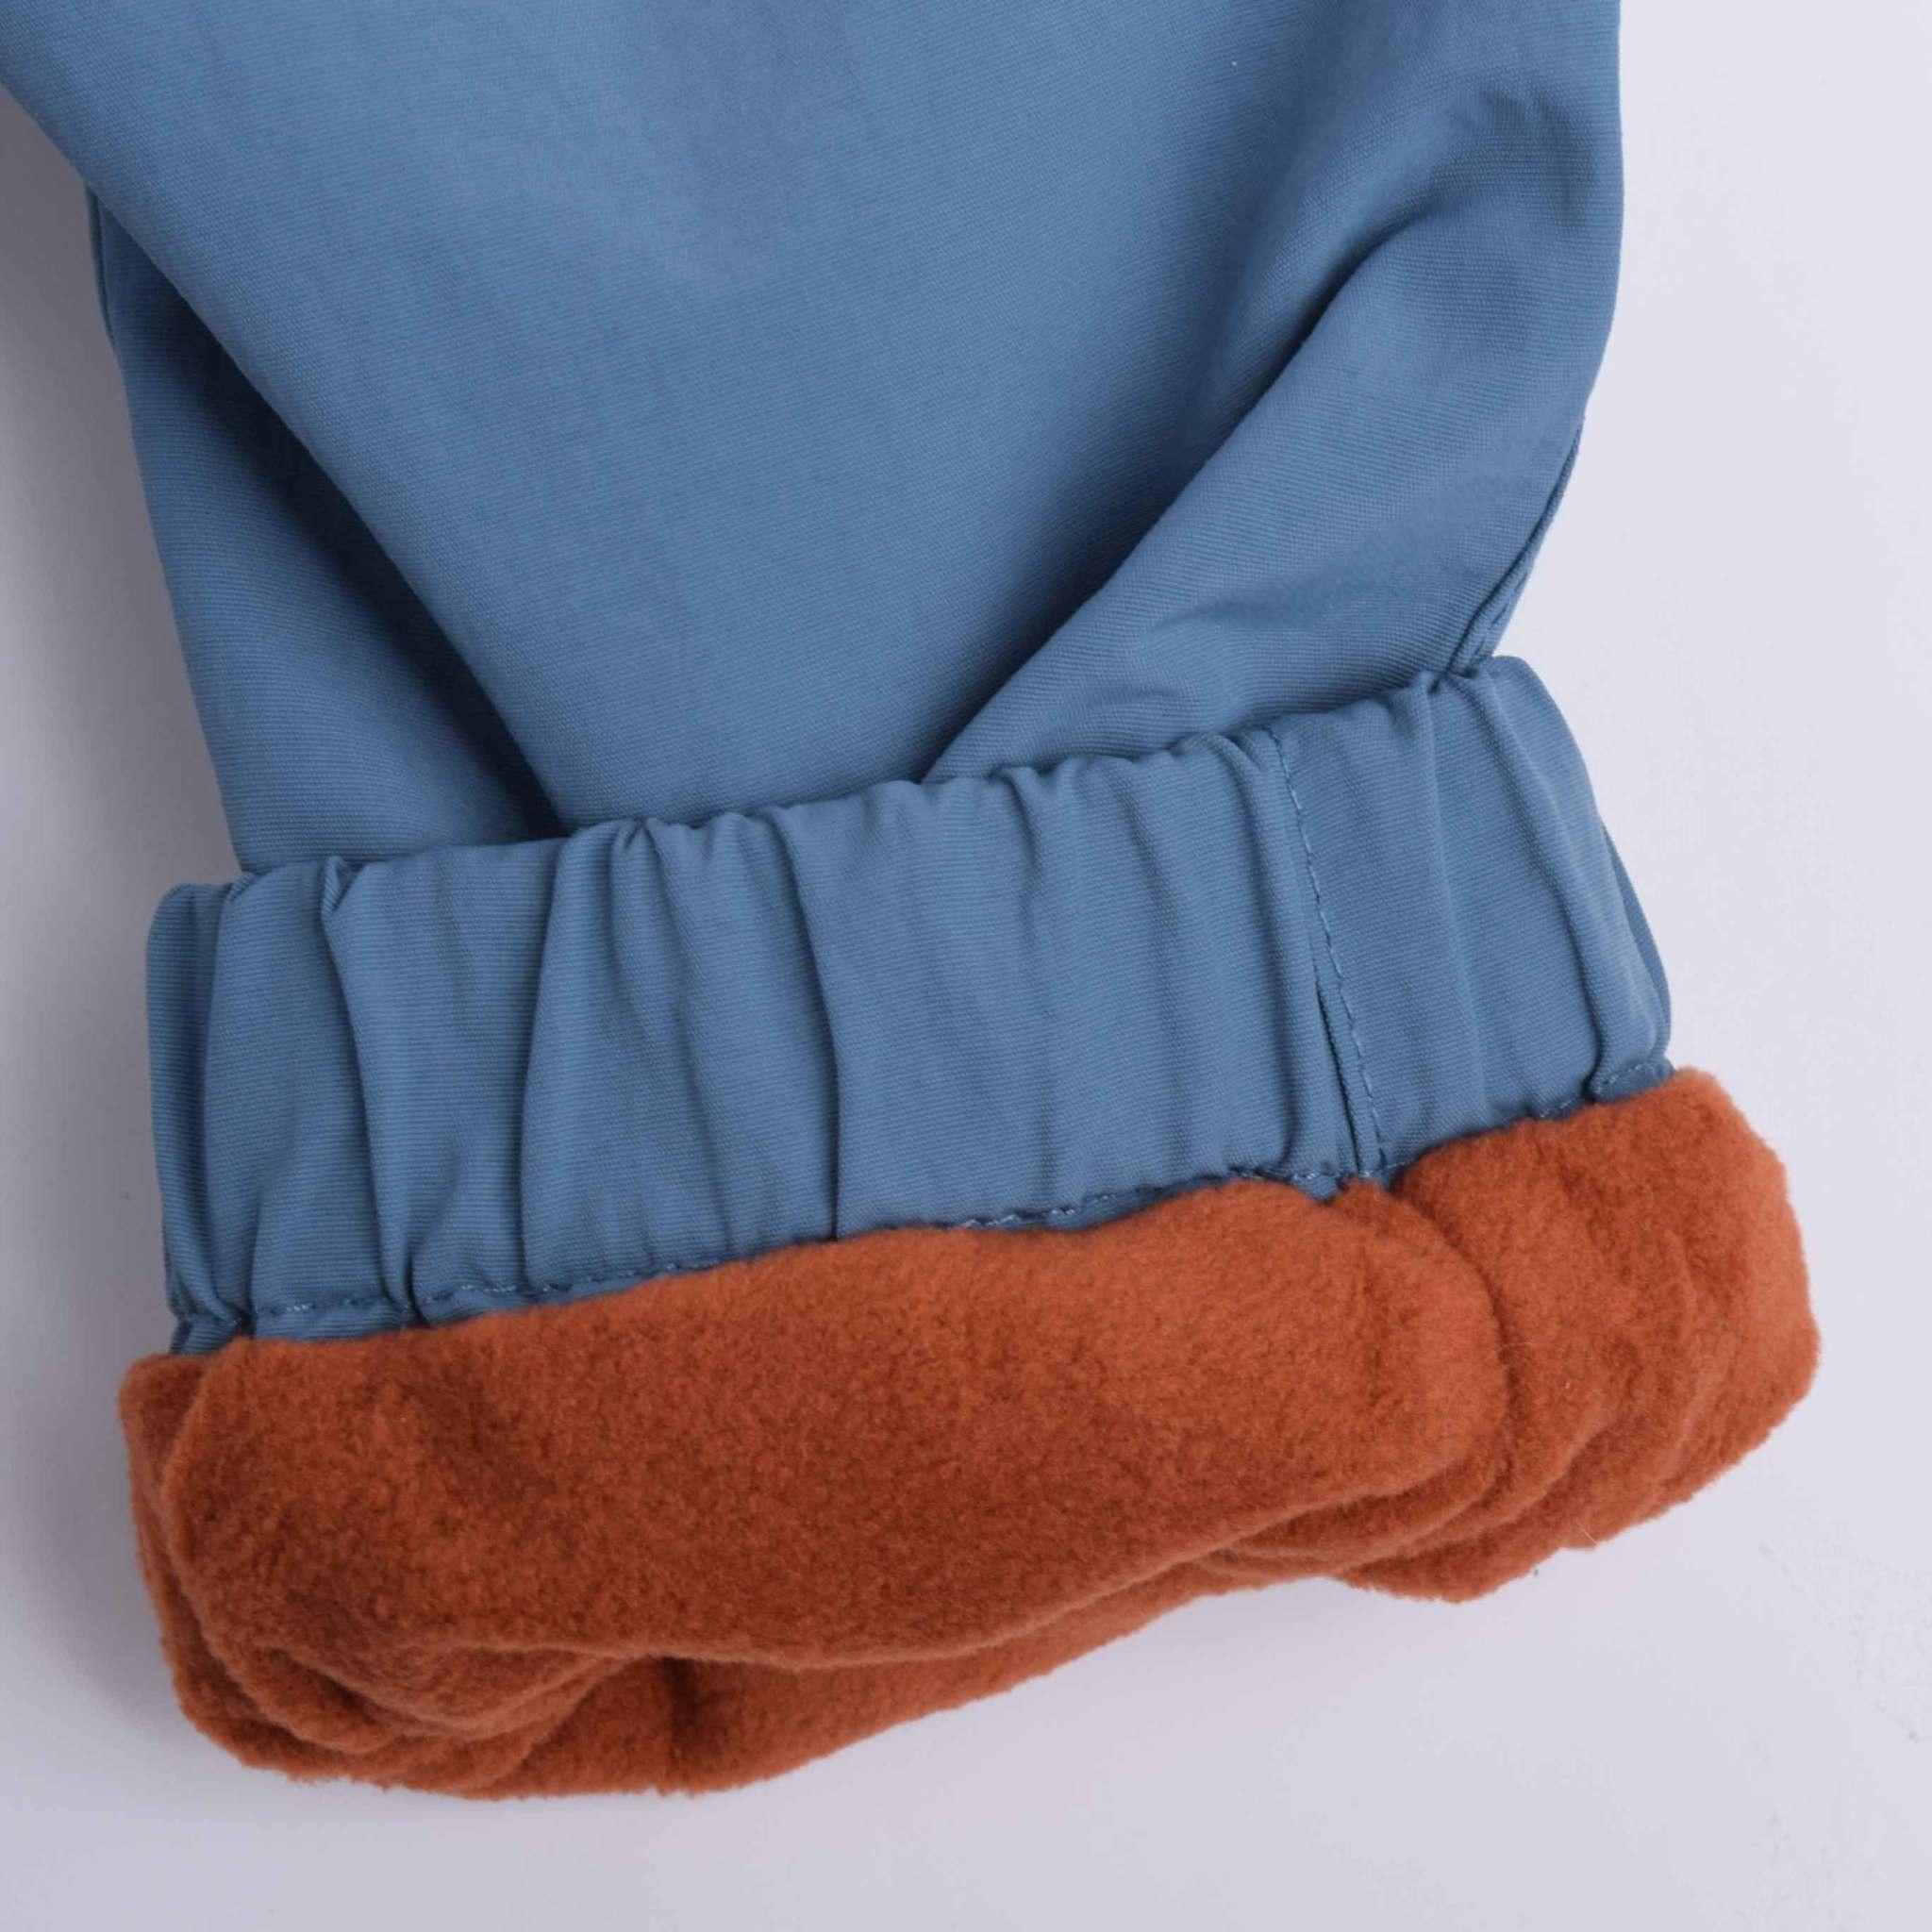 Pantalon D'Extérieur doublé Polar - TWENTY TWO 1.0-11